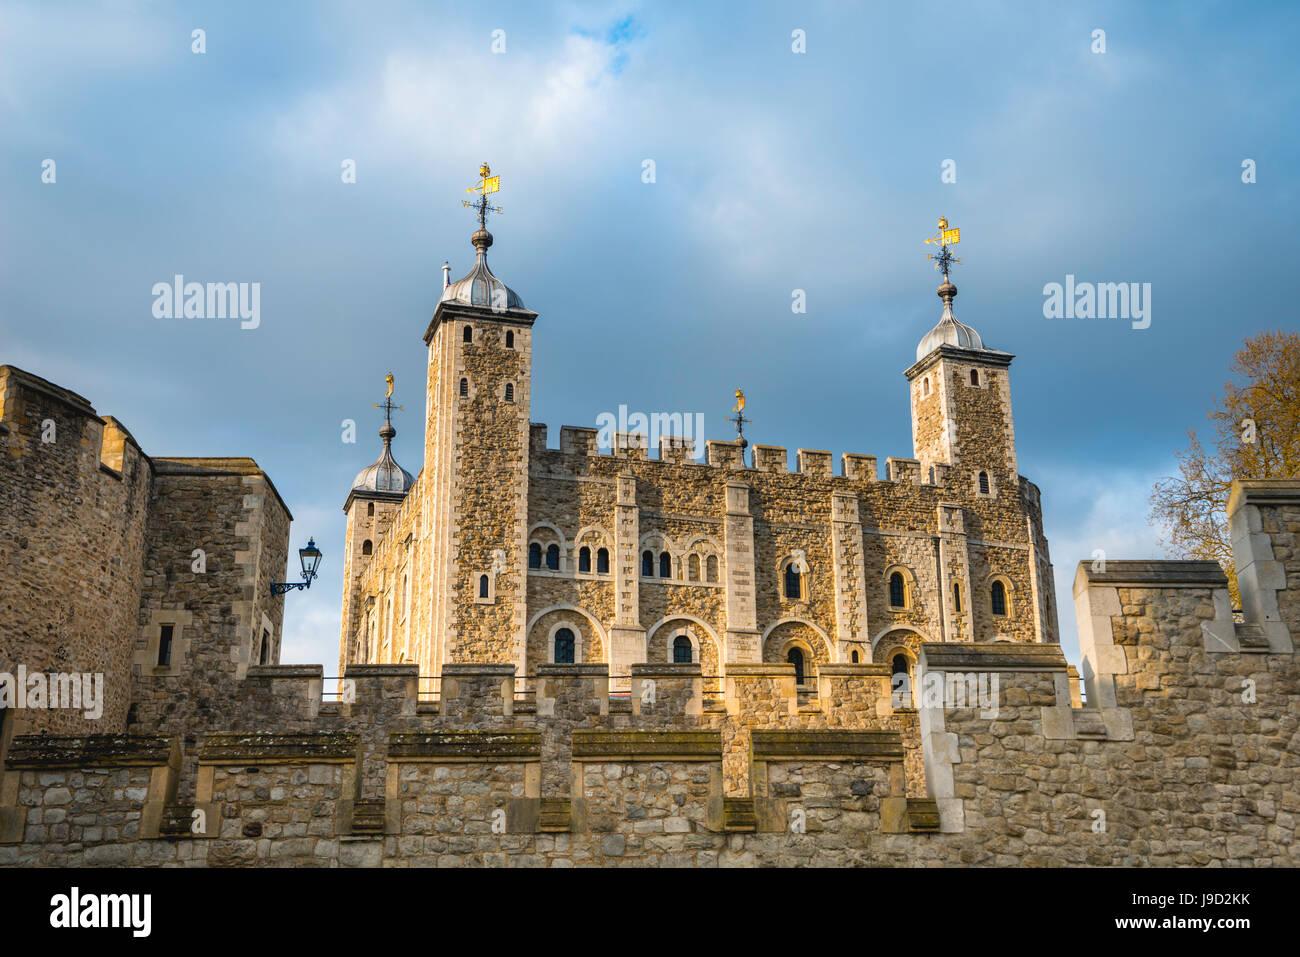 Torre di Londra, London, England, Regno Unito Immagini Stock